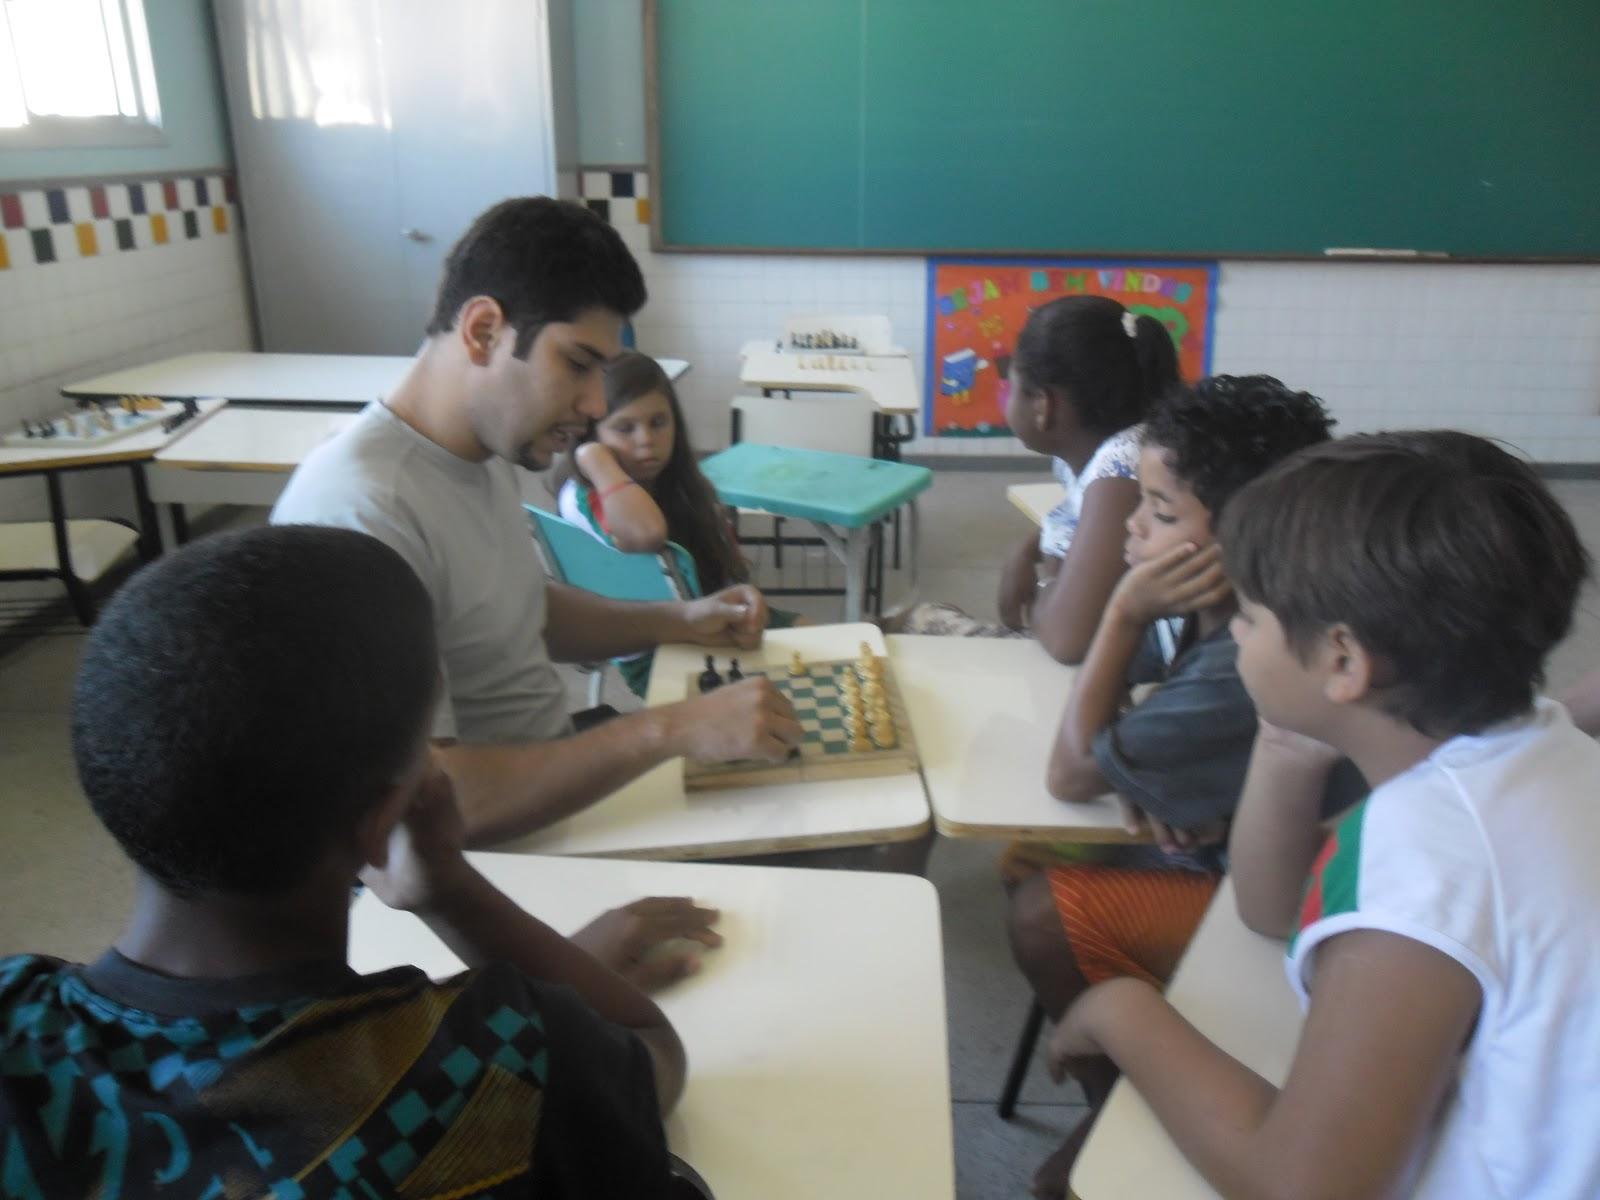 """A Educação Exige Os Maiores Cuidados Porque Influi Sobre Toda A Vida: EMEF """"ORESTES SOUTO NOVAES"""": Projeto Xadrez"""